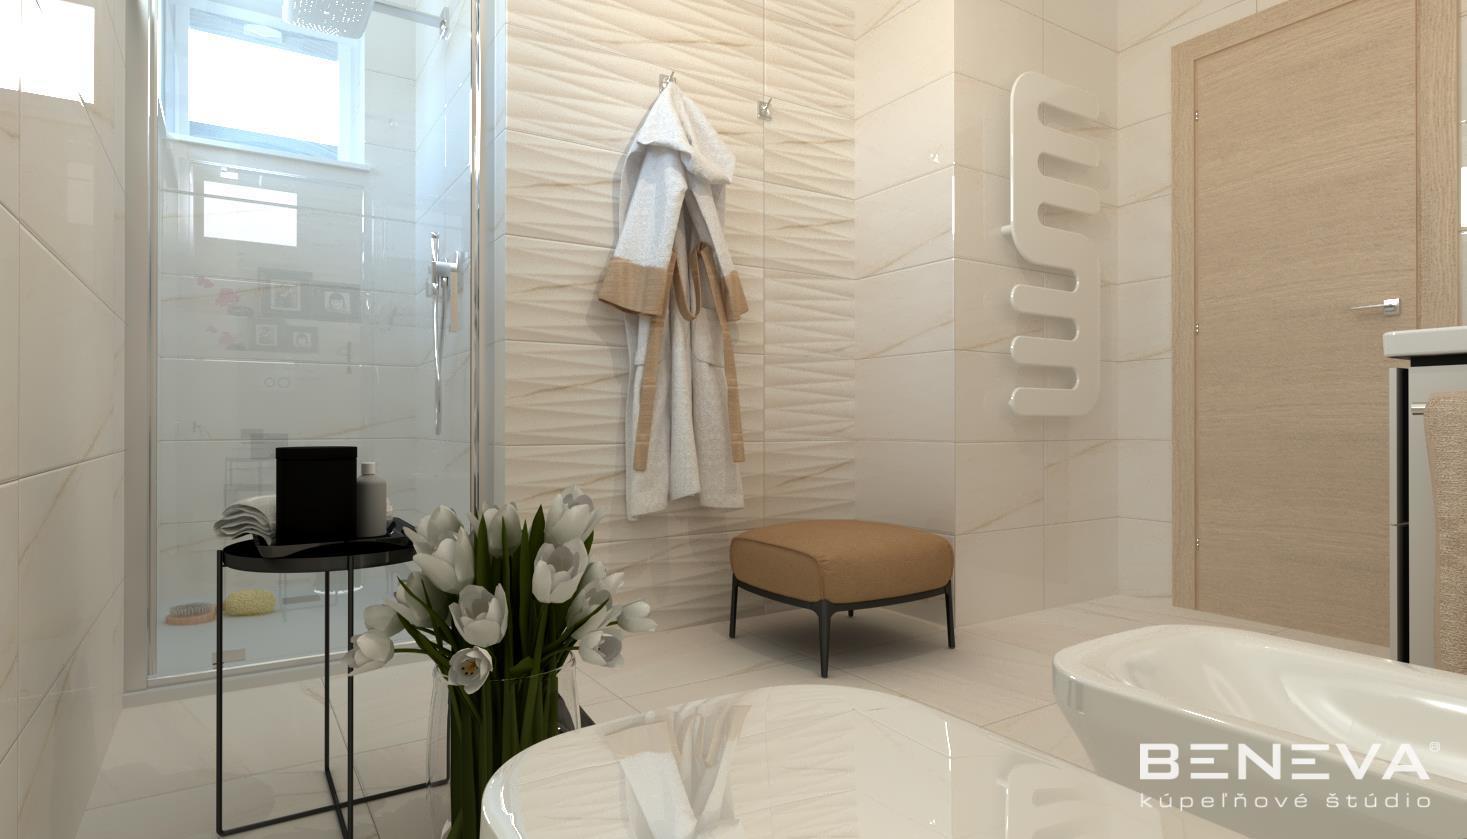 Vizualizácie kúpeľne - Luxusná kúpeľňa / vizualizácia - www.beneva.sk